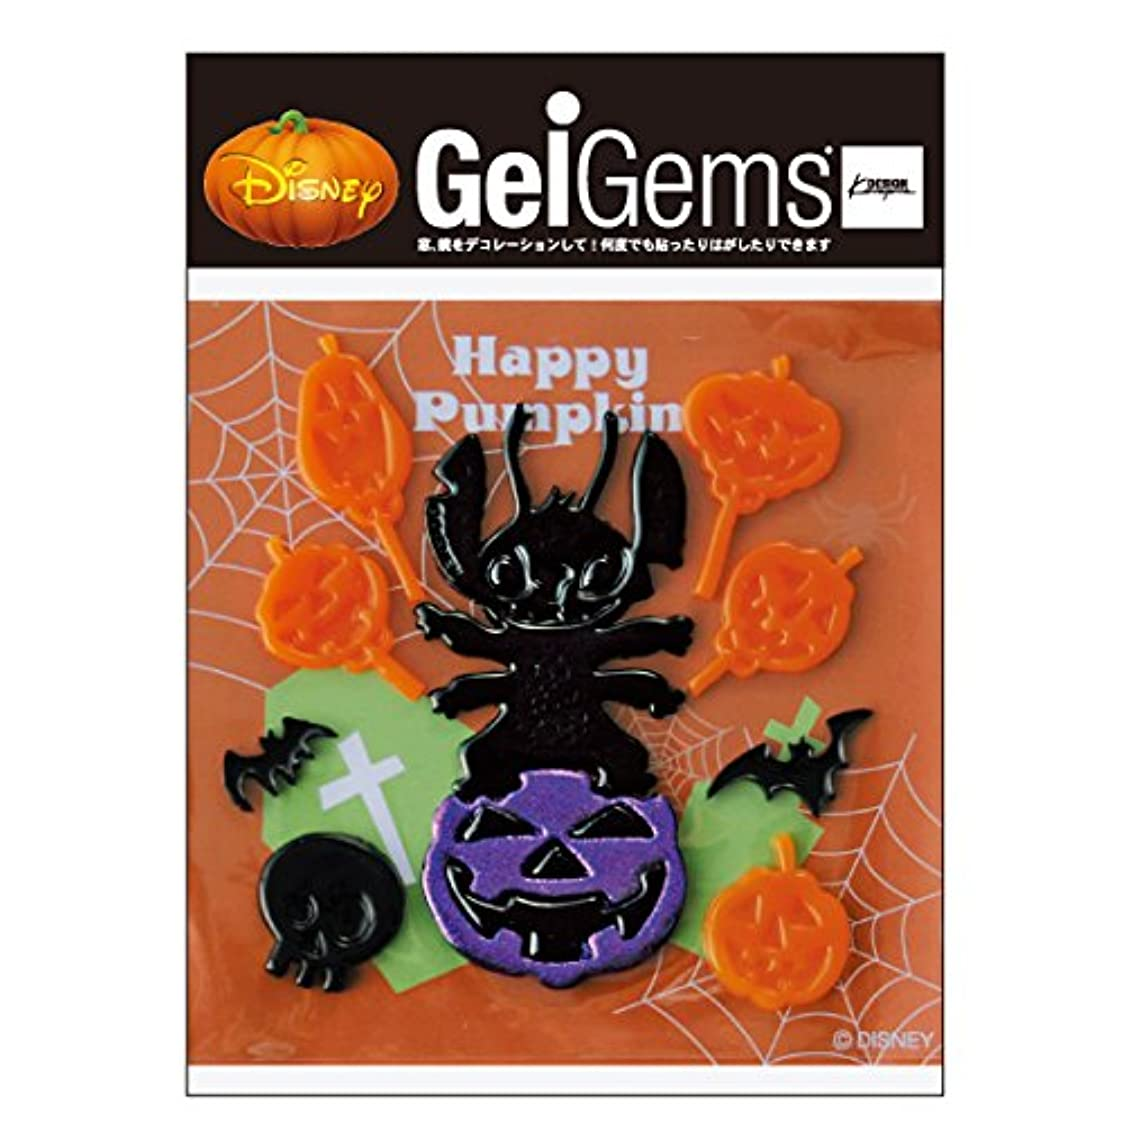 熱心特別なドリンクkameyama candle(カメヤマキャンドル) ジェルジェムディズニーバッグS 「 カボチャスティッチ 」 キャンドル 袋:W200×L255×H5mm (e1050036)